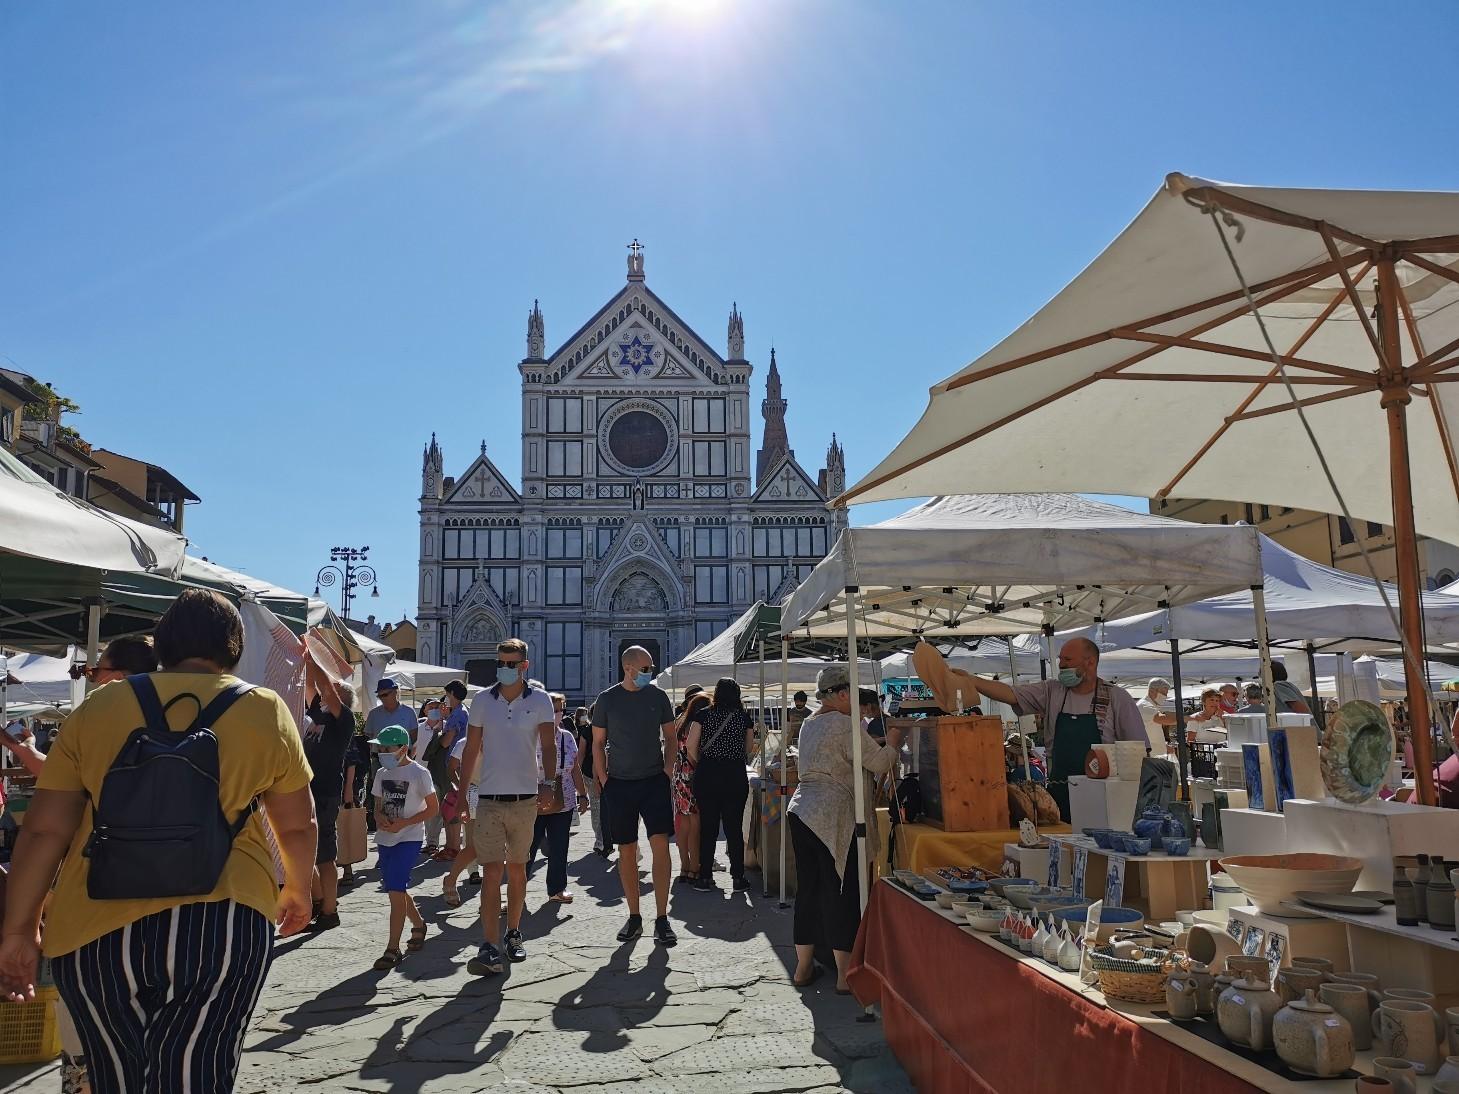 フィレンツェのオーガニック市フィエルーコラ~今回のテーマは「パン」_f0106597_04115923.jpg